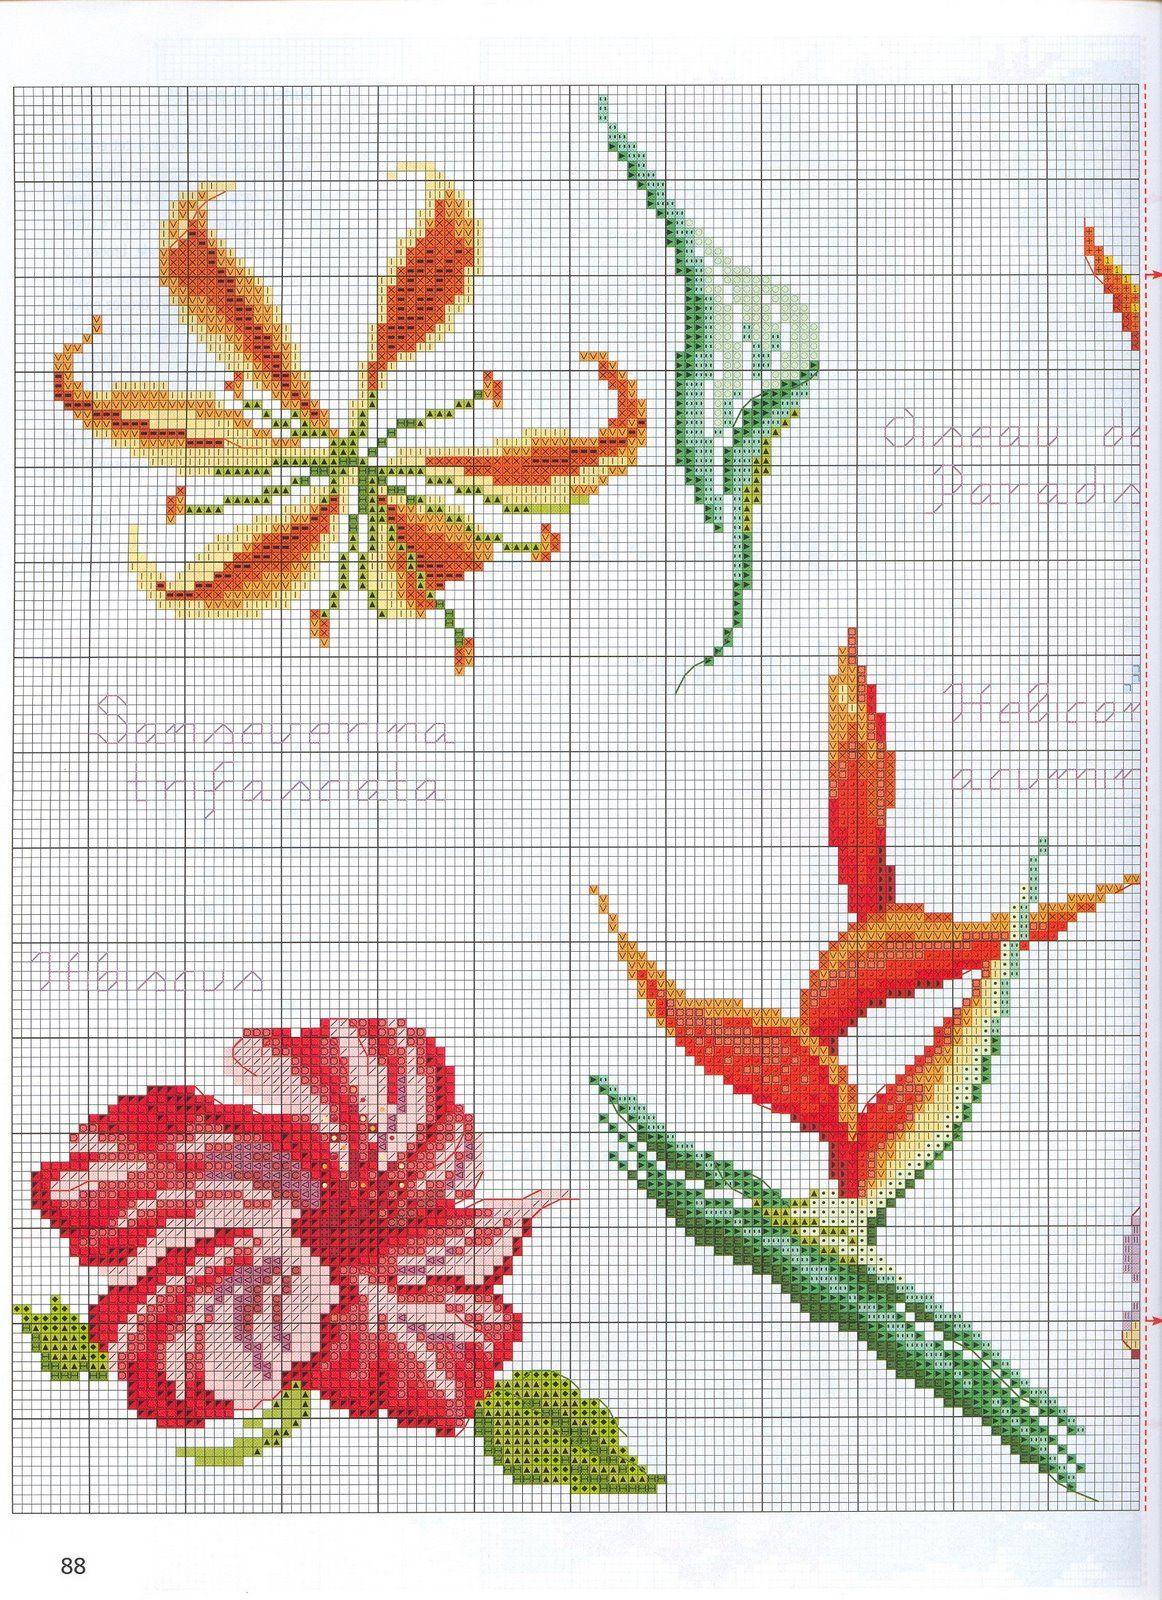 Flores de paraiso 2